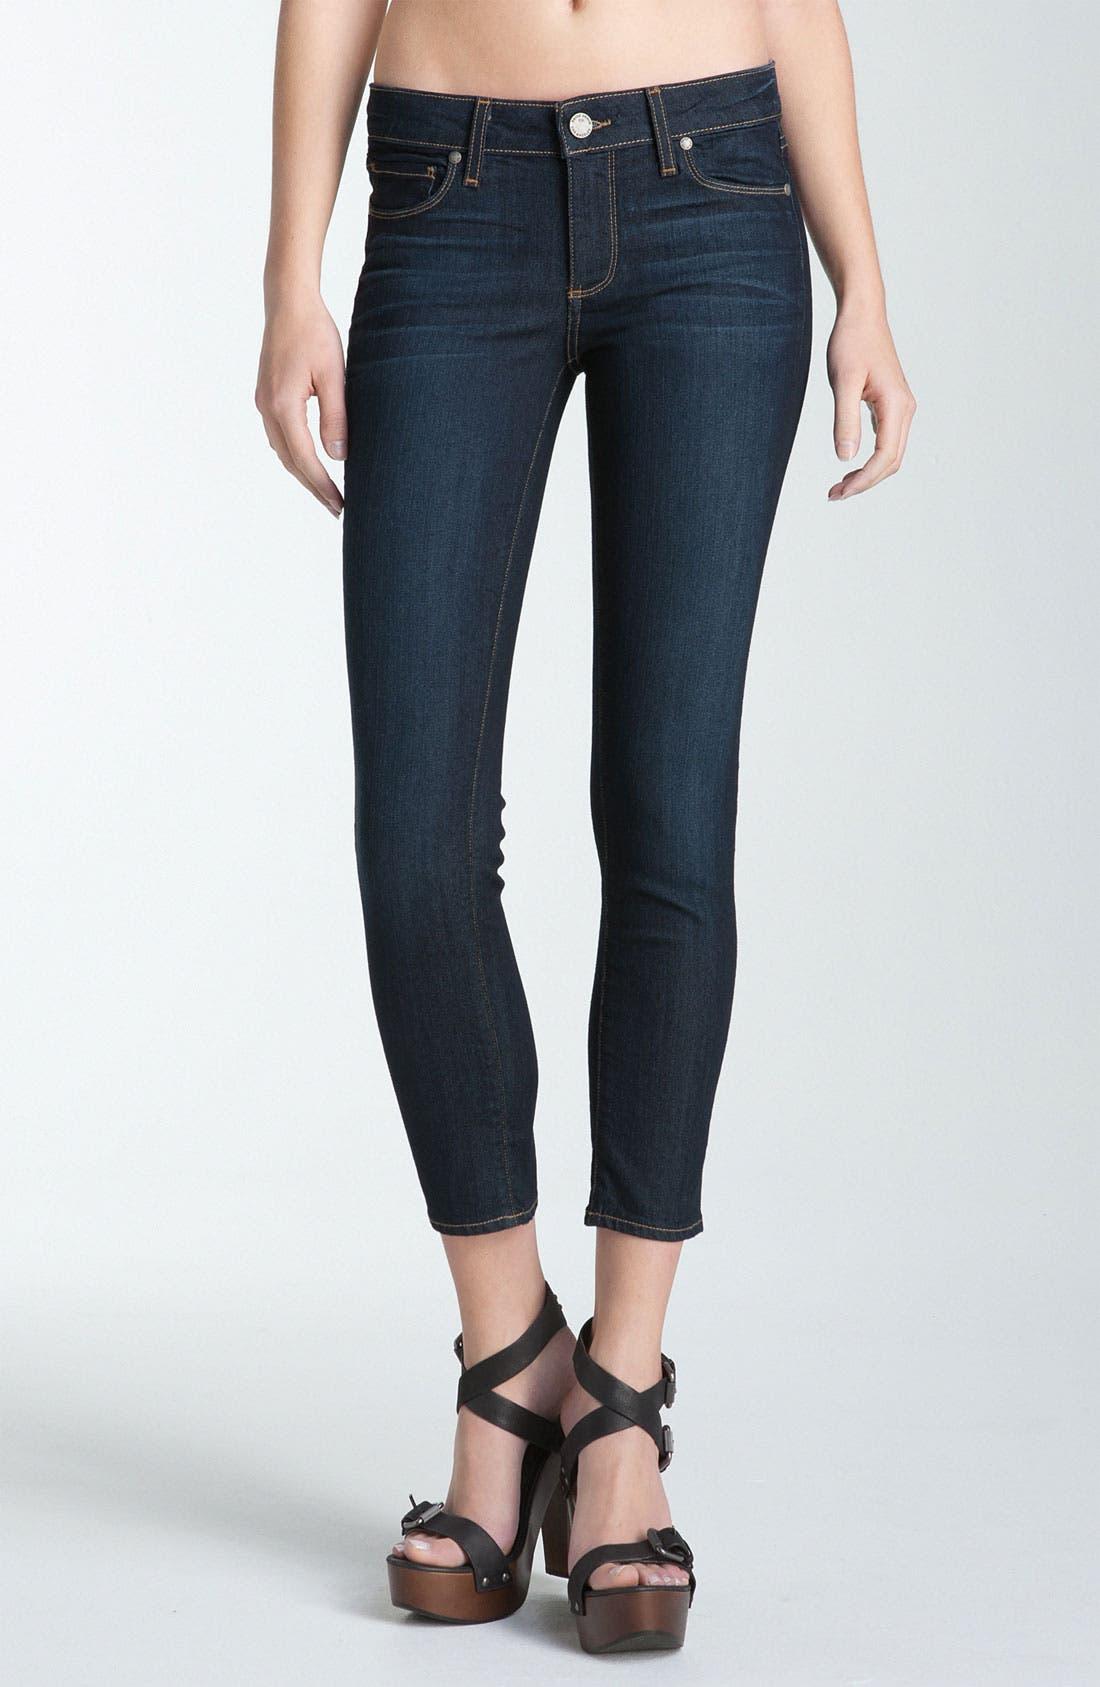 Alternate Image 1 Selected - Paige Denim 'Kylie' Crop Skinny Jeans (Stream)